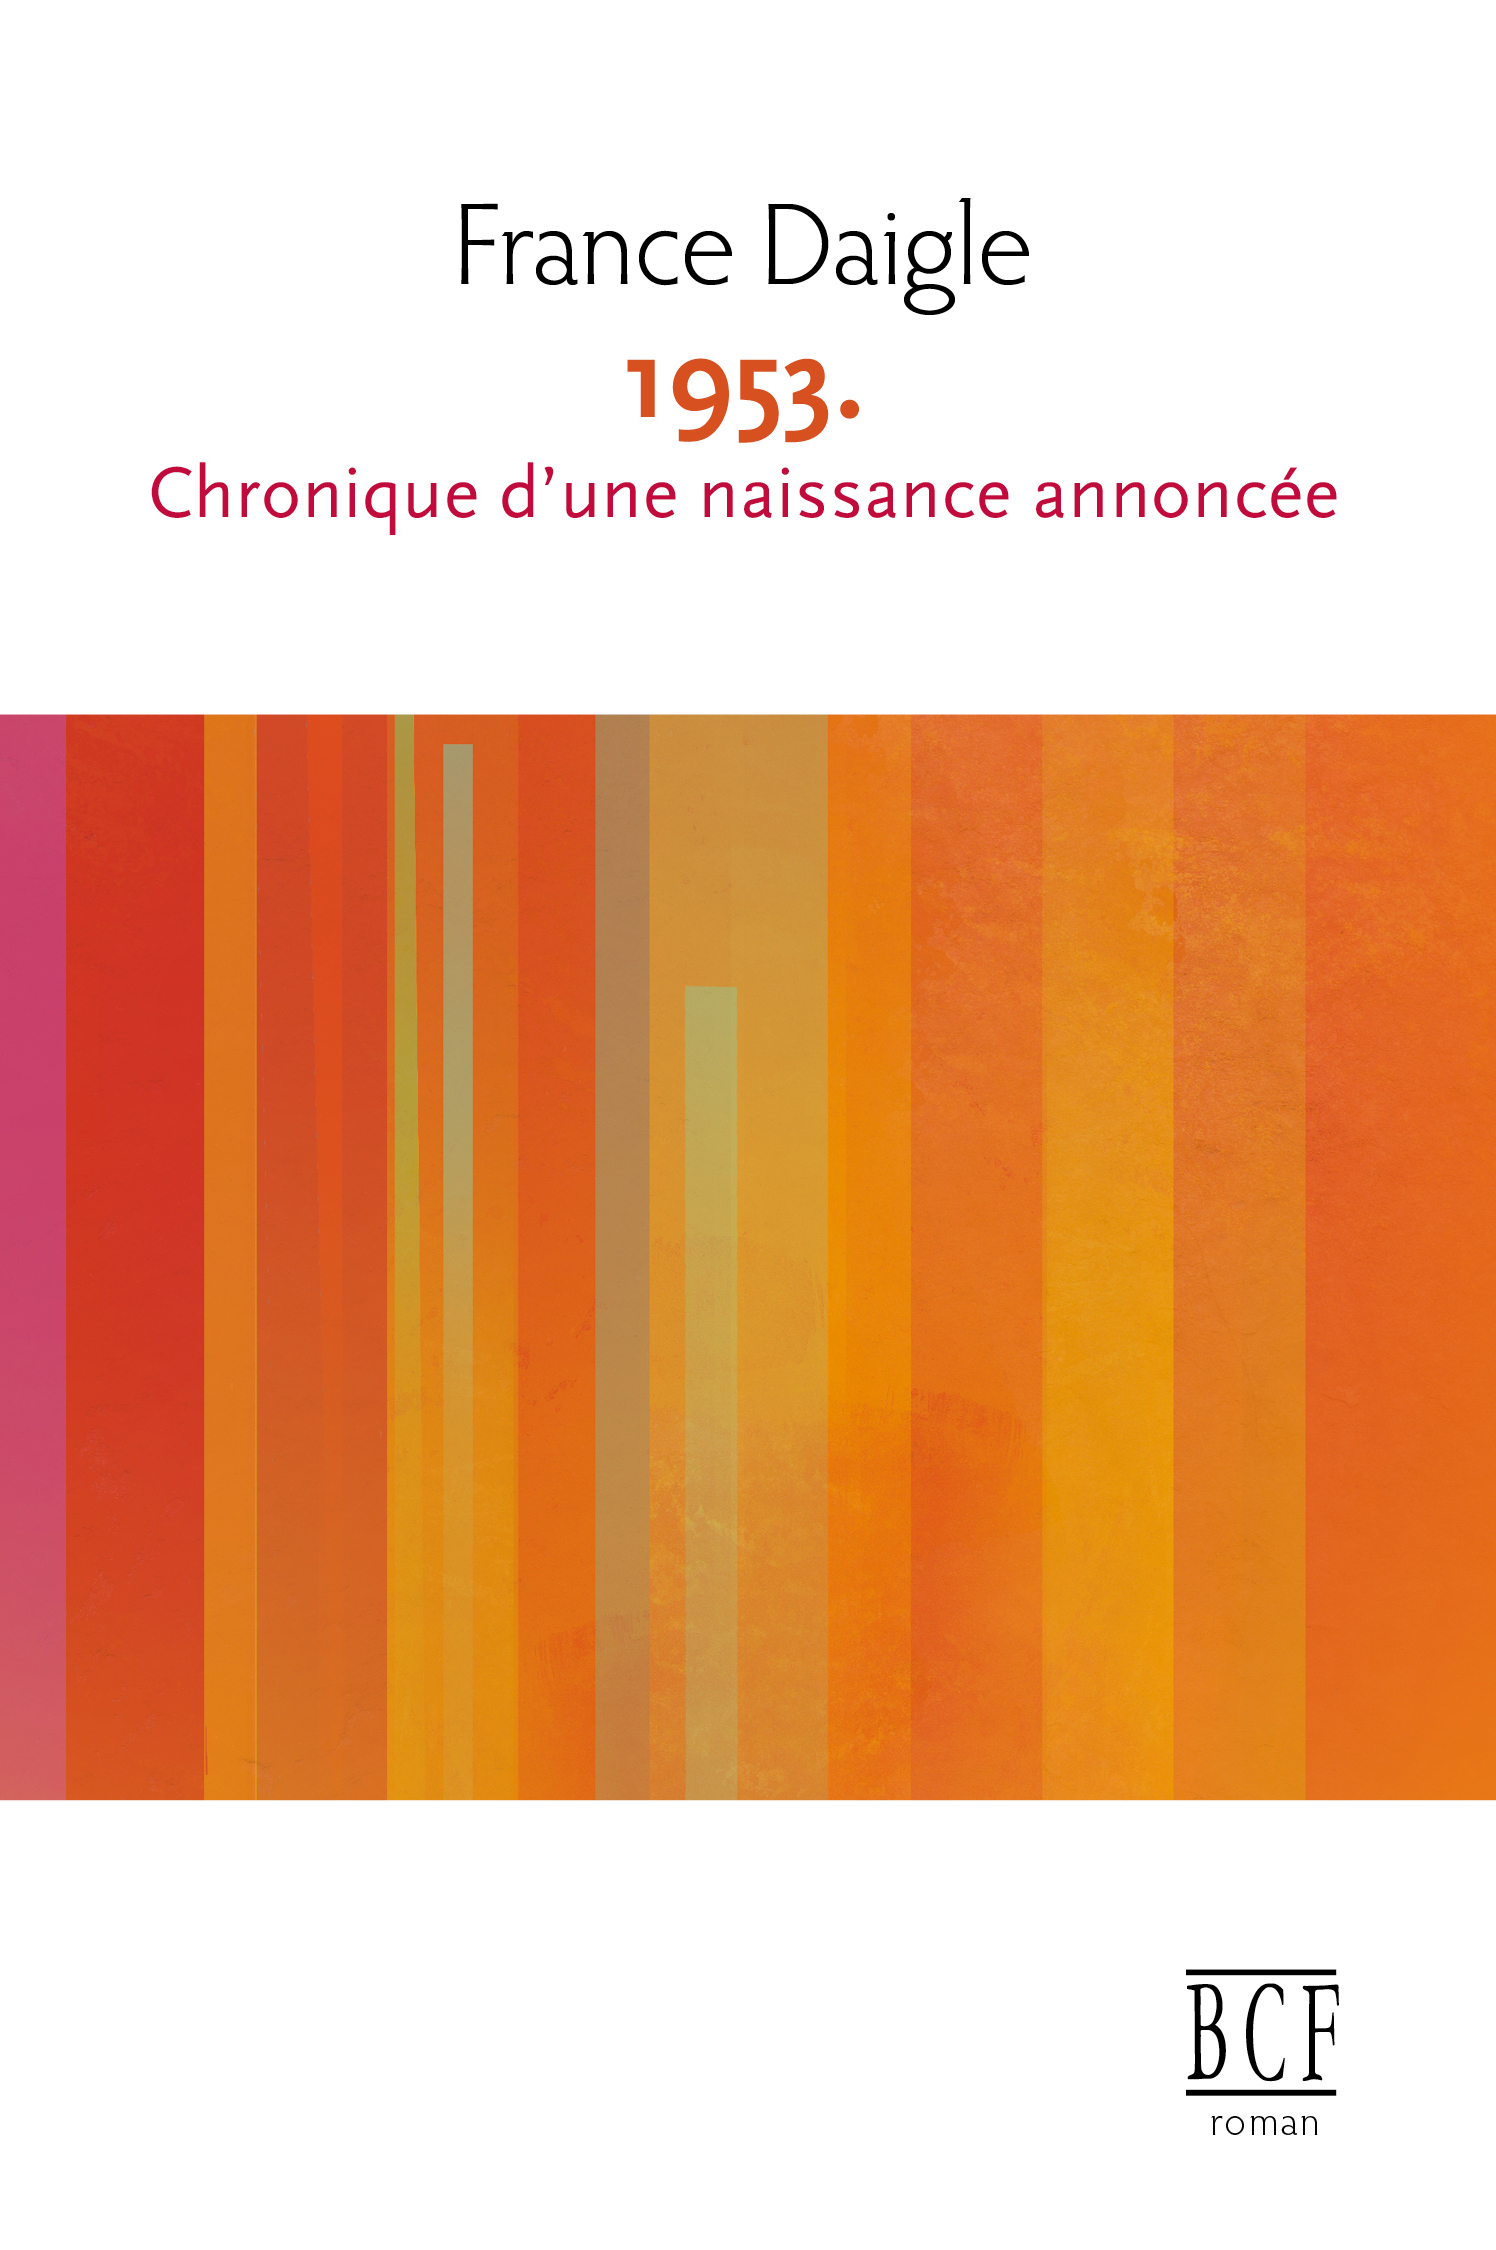 1953. Chronique d'une naissance annoncée